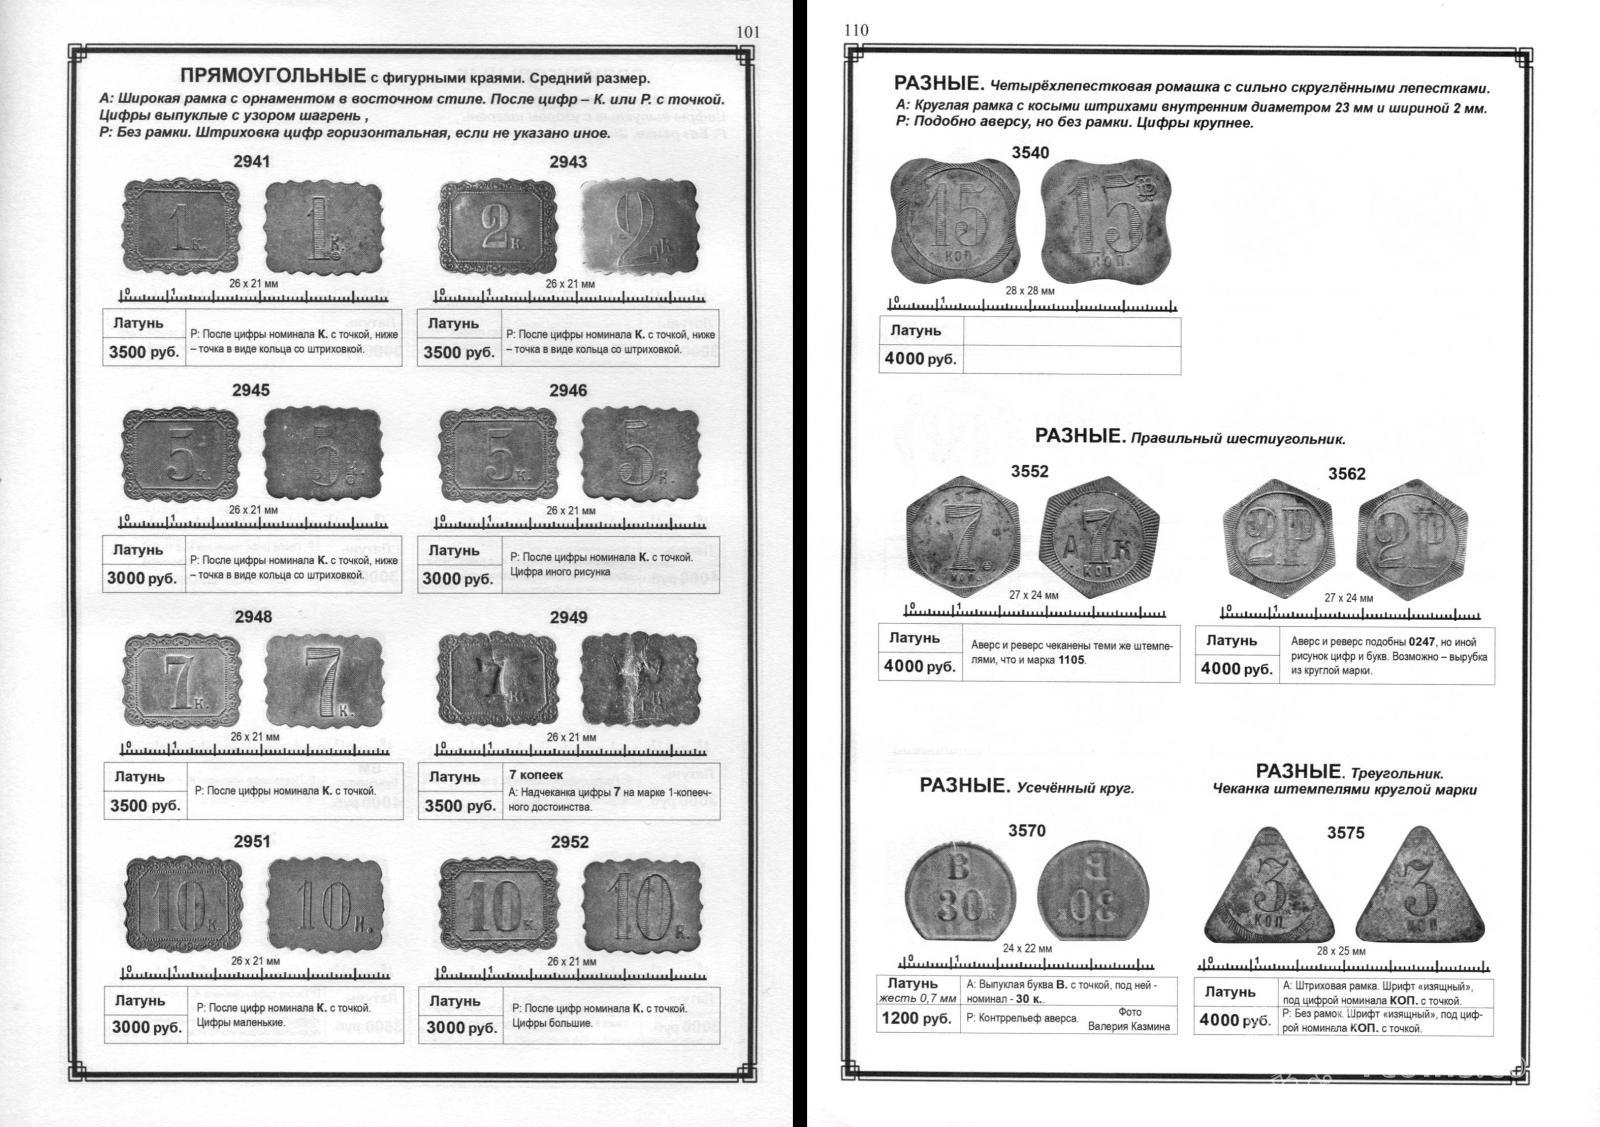 05 стр 101 и 110.jpg